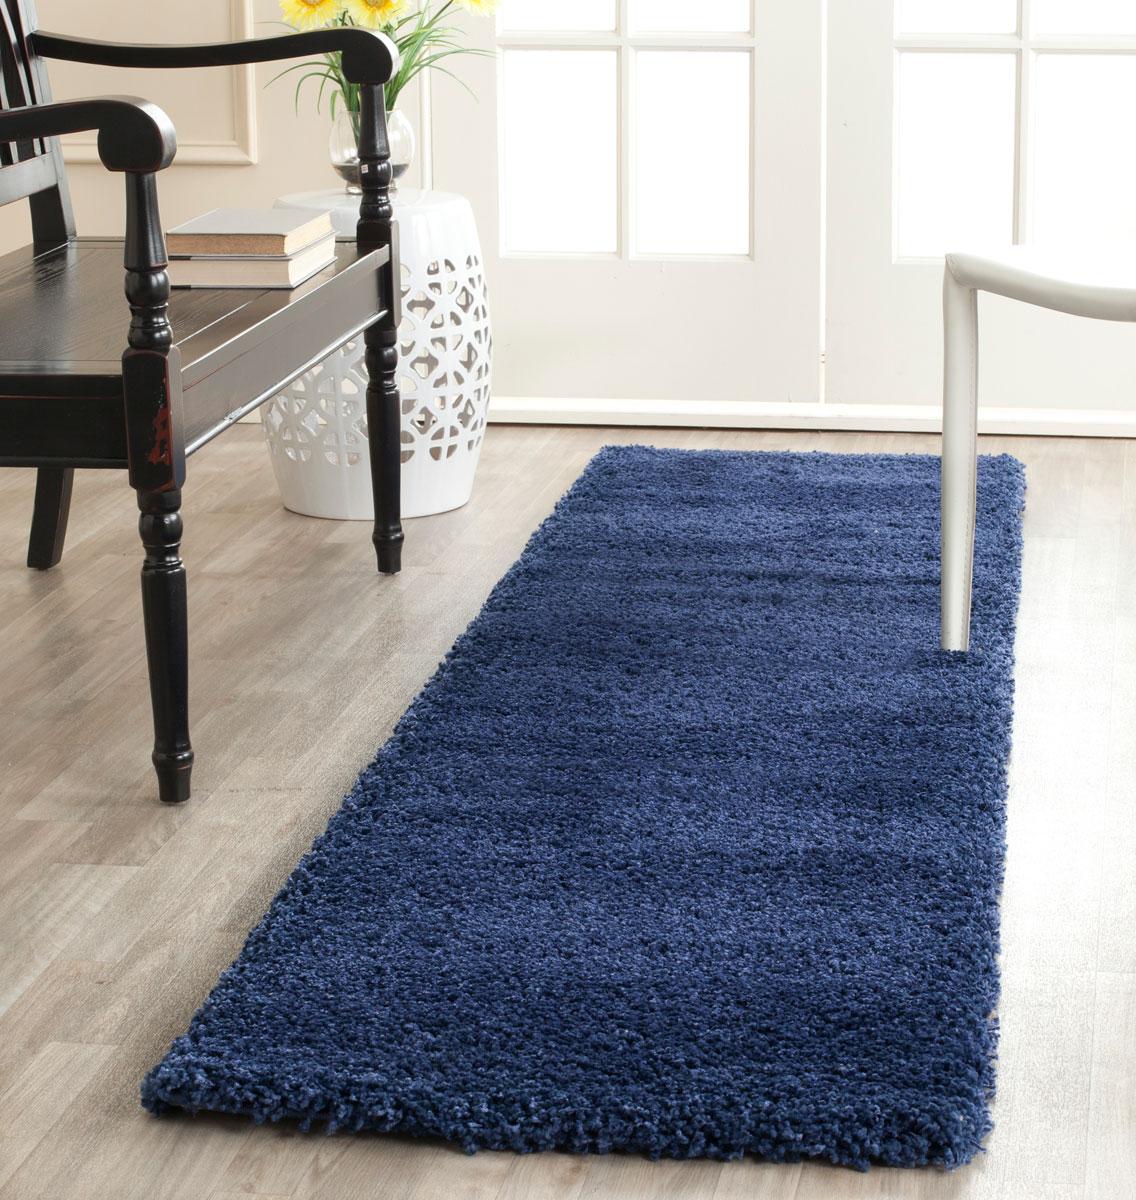 Синий коврик в коридоре